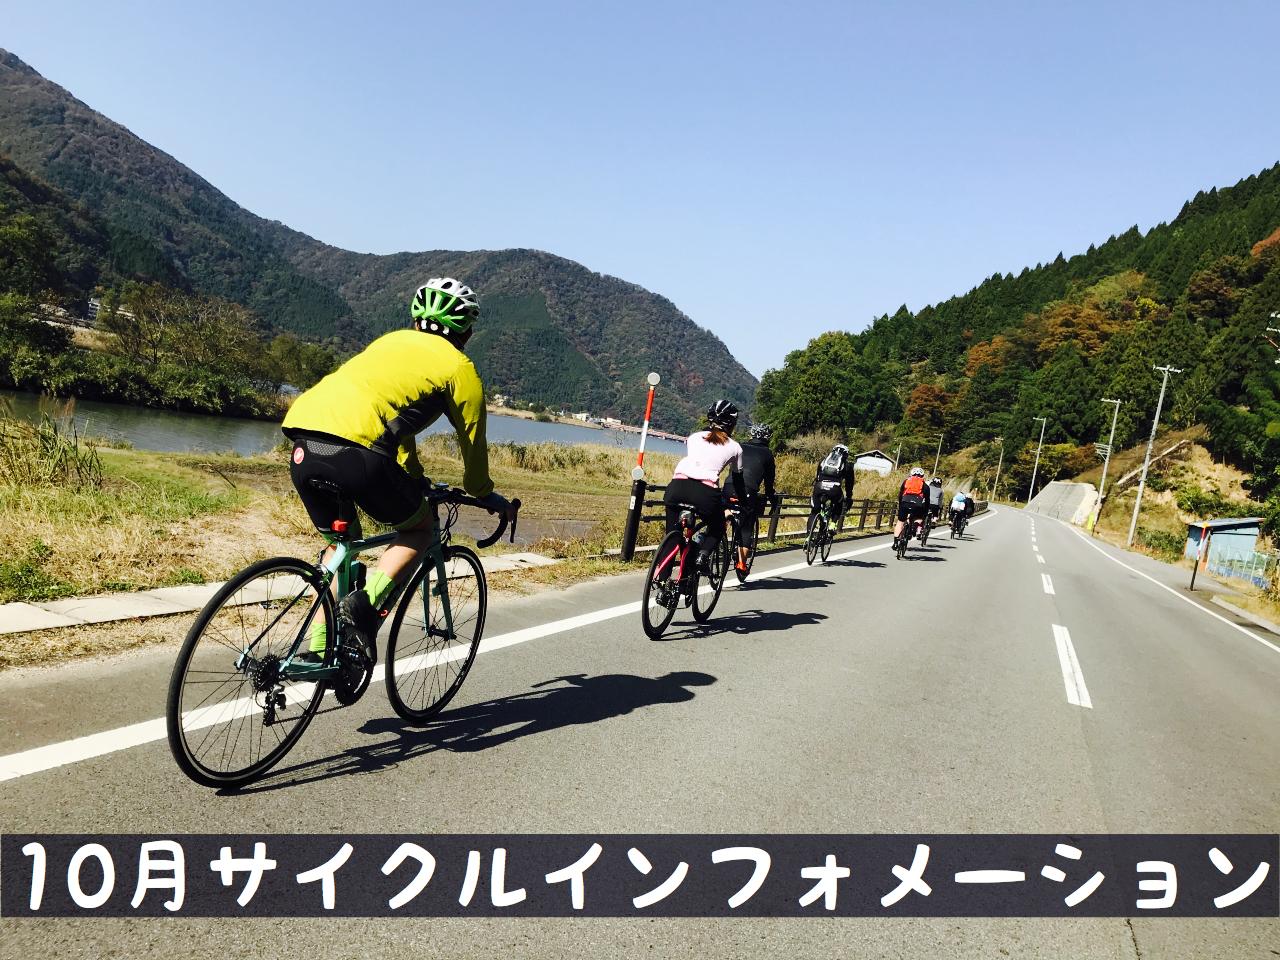 【10月サイクルインフォメーション】